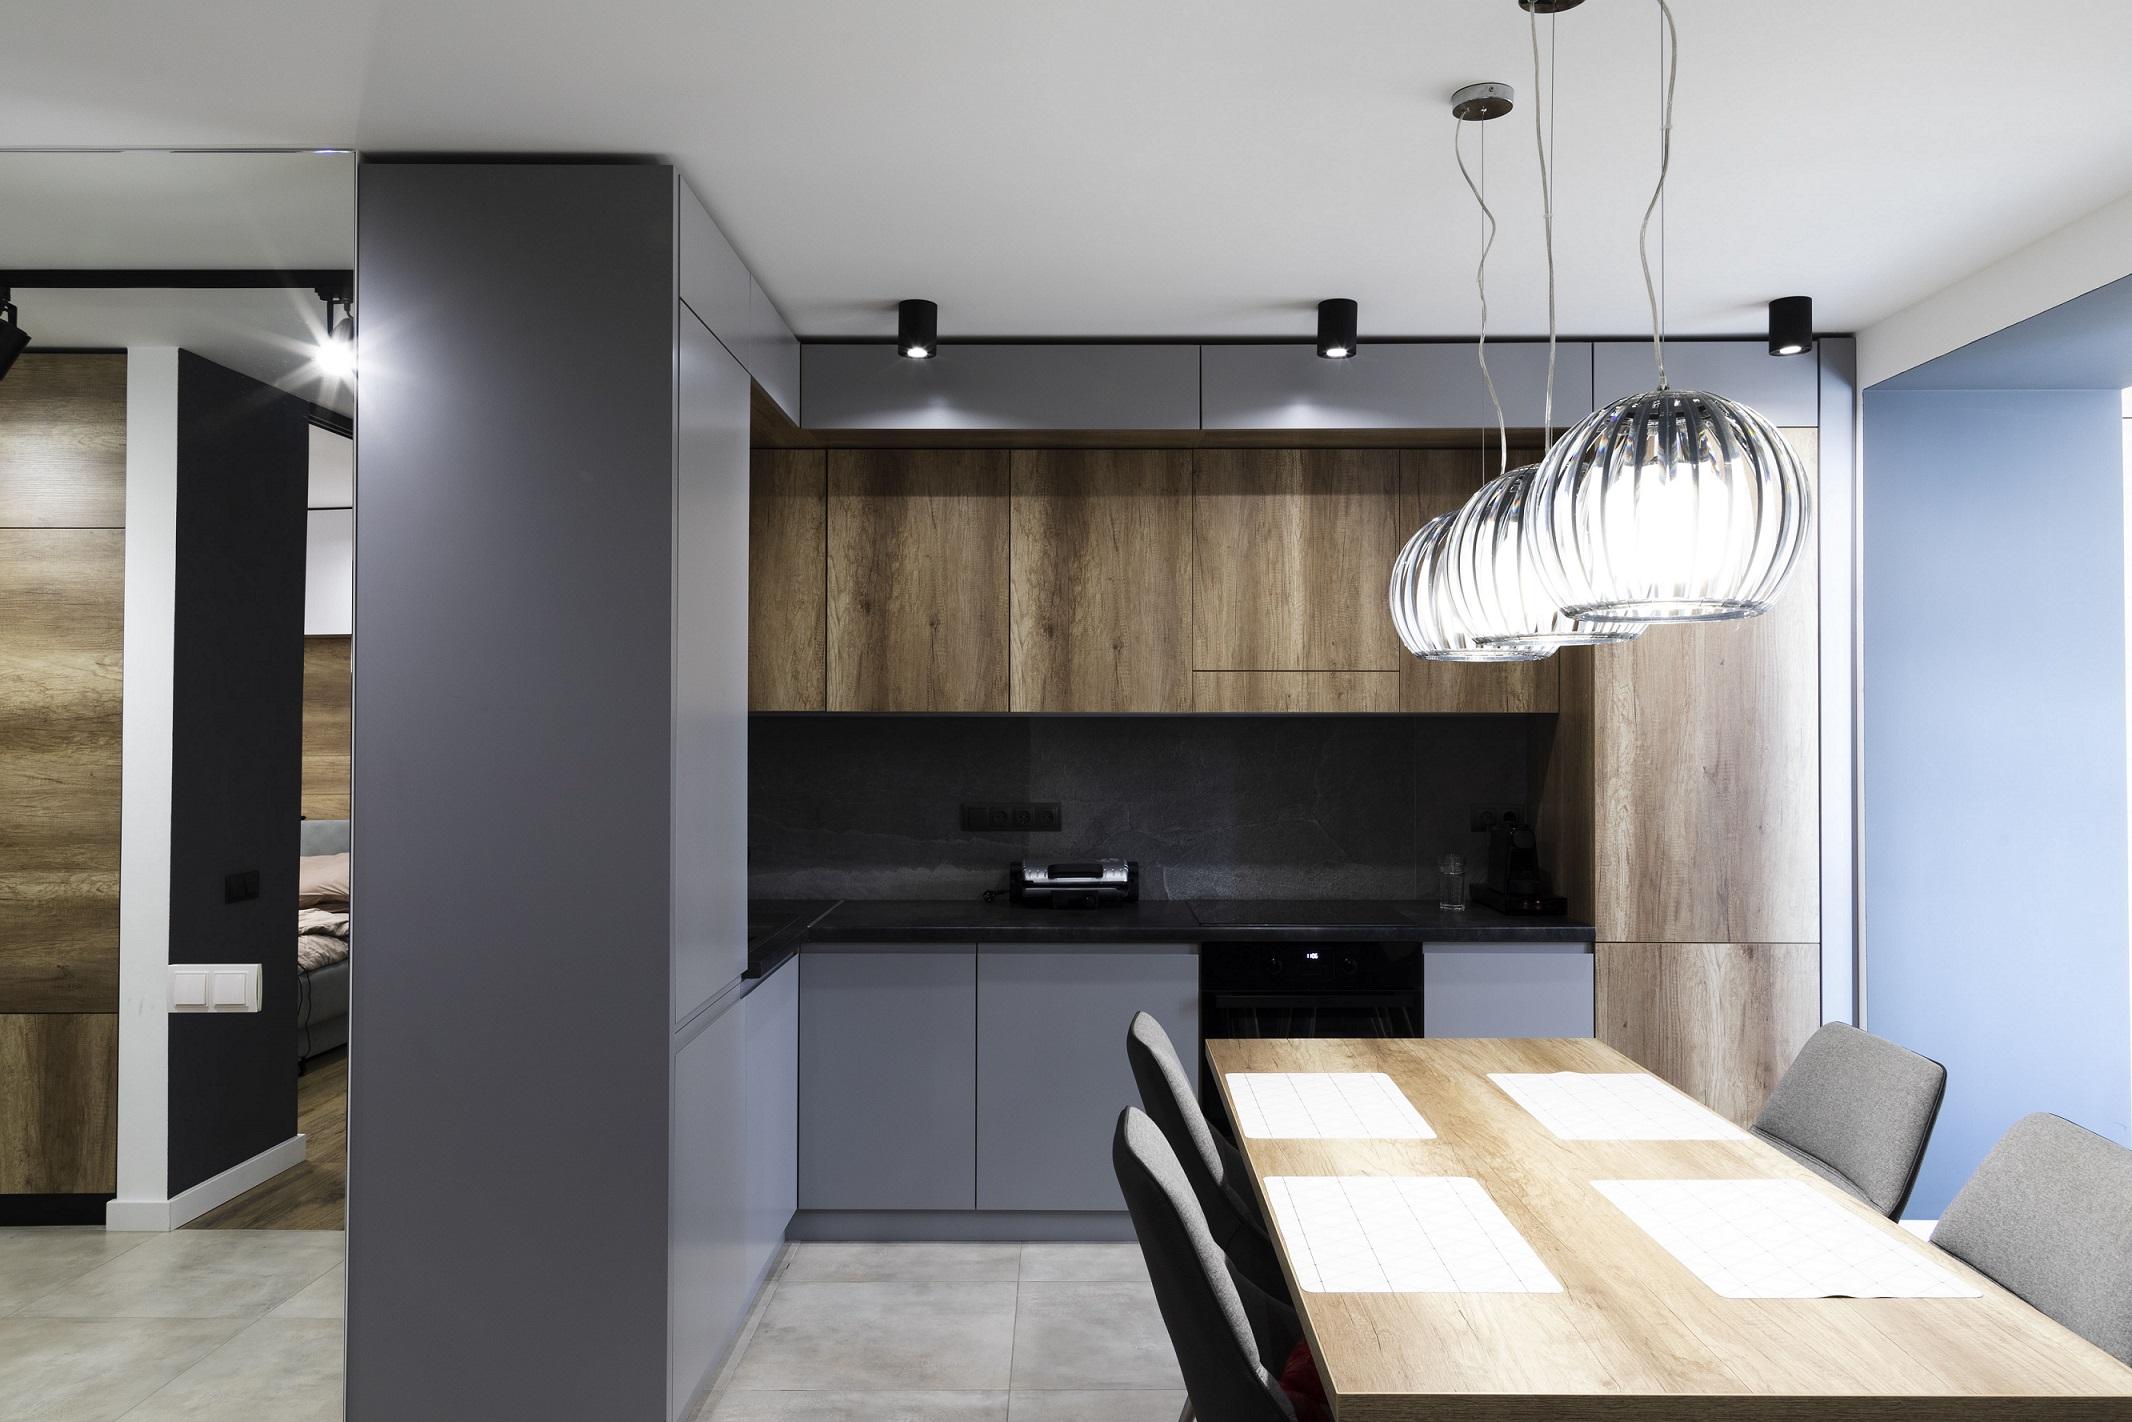 新竹新成屋裝修特定的設計,您絕對要試試看